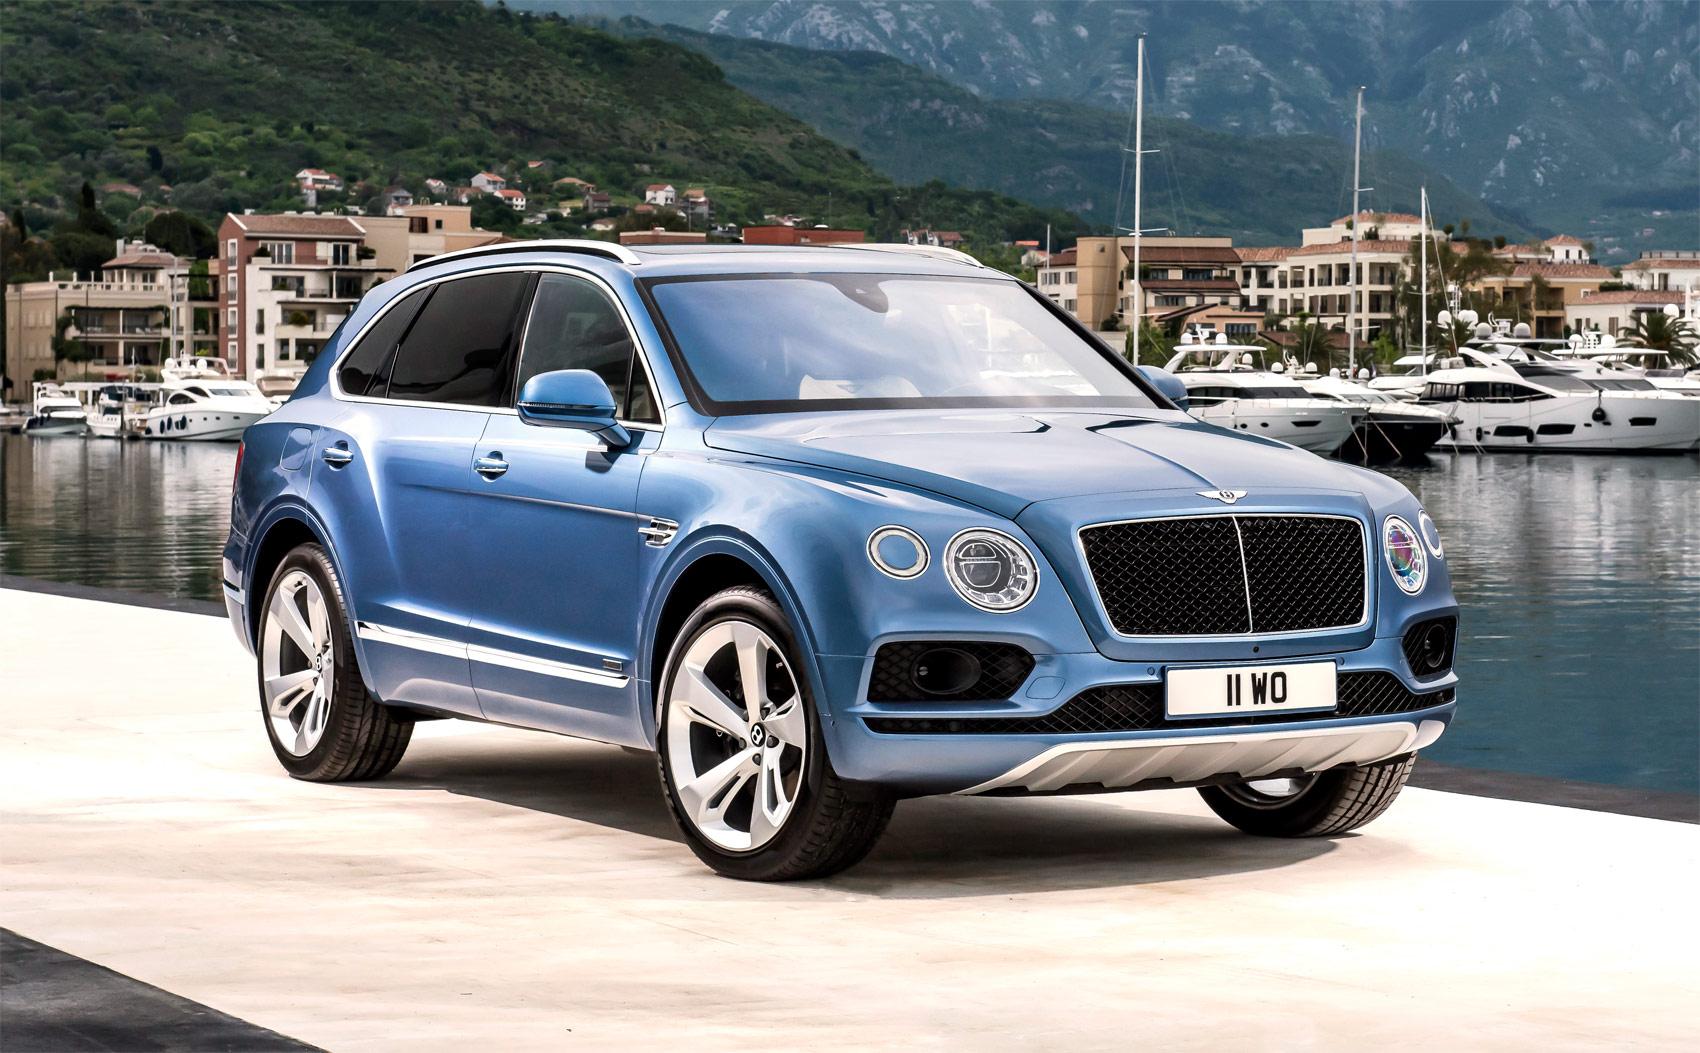 The Bentley Bentayga Diesel – Power, Refinement And Range